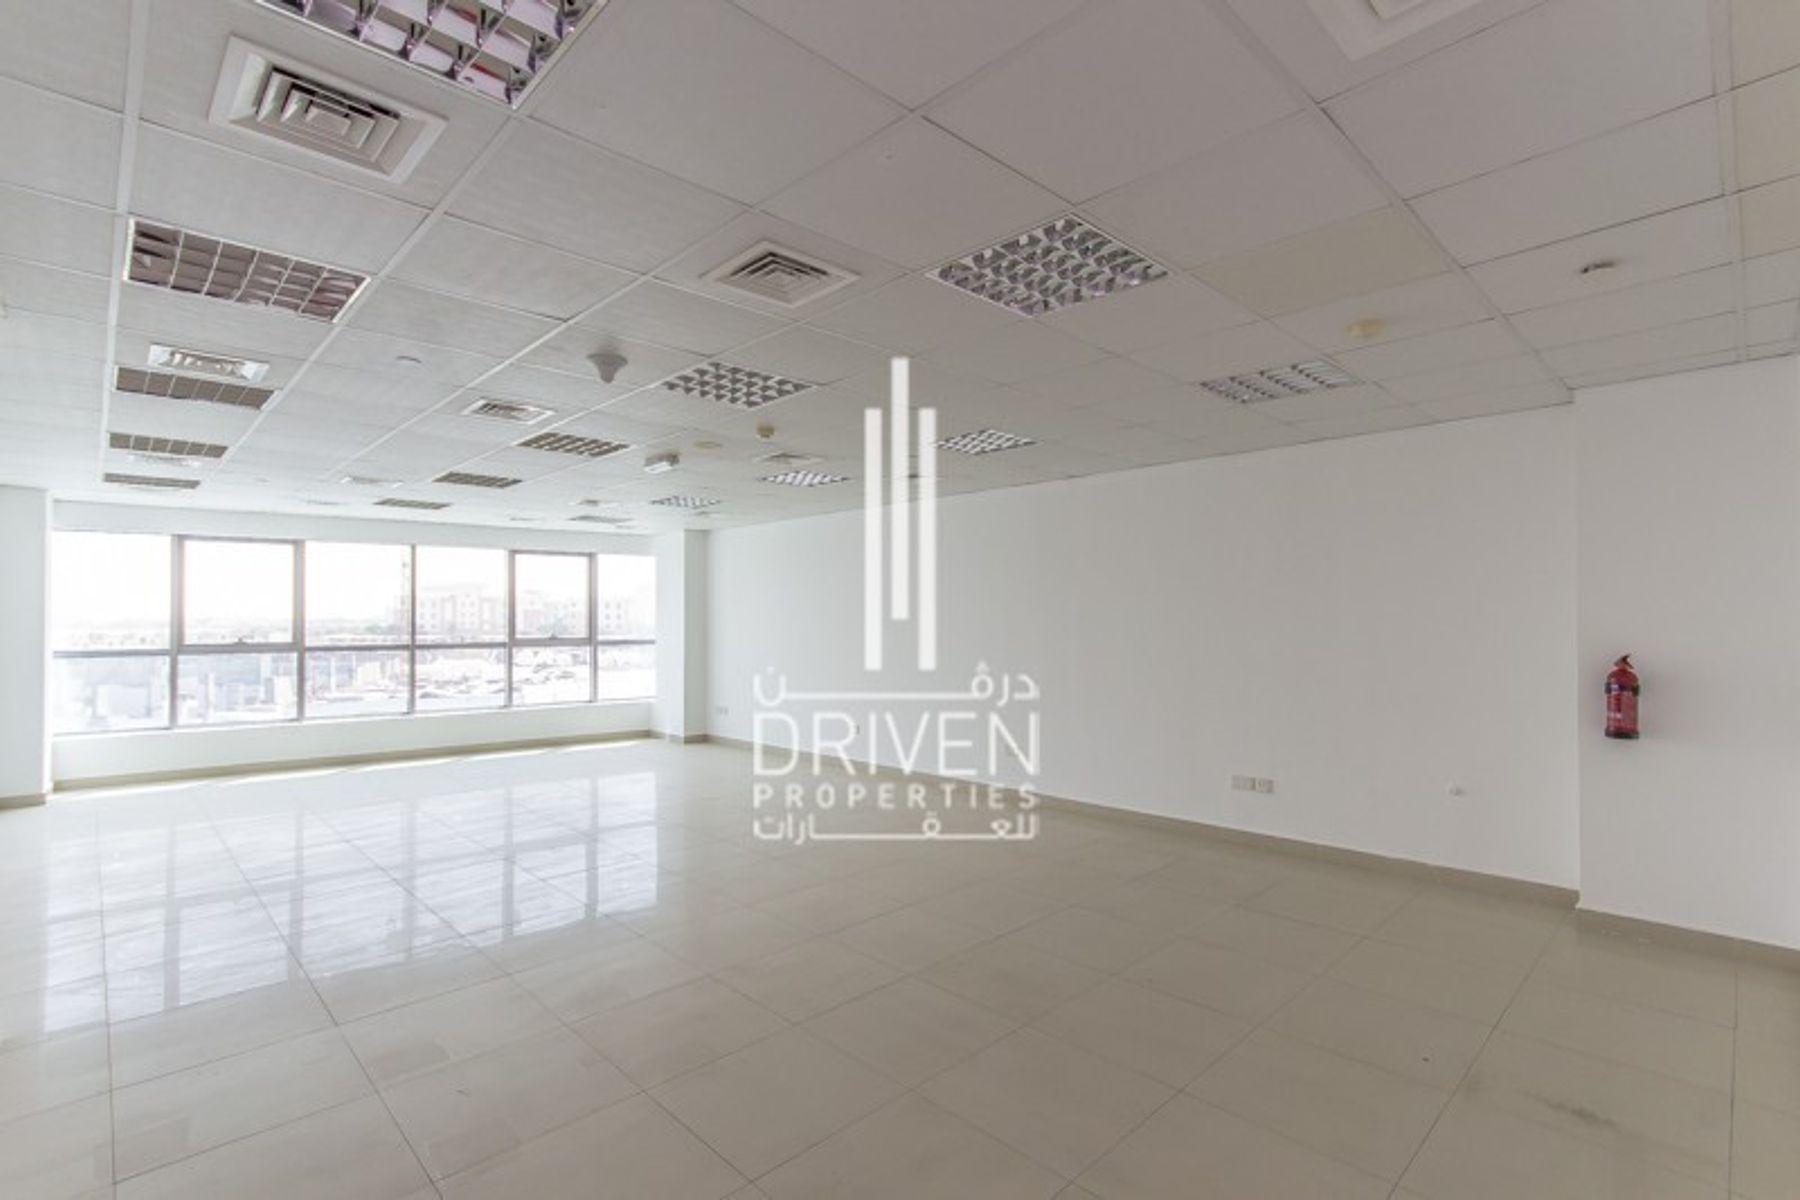 659 قدم مربع  مكتب - للايجار - مجمع دبي للإستثمار